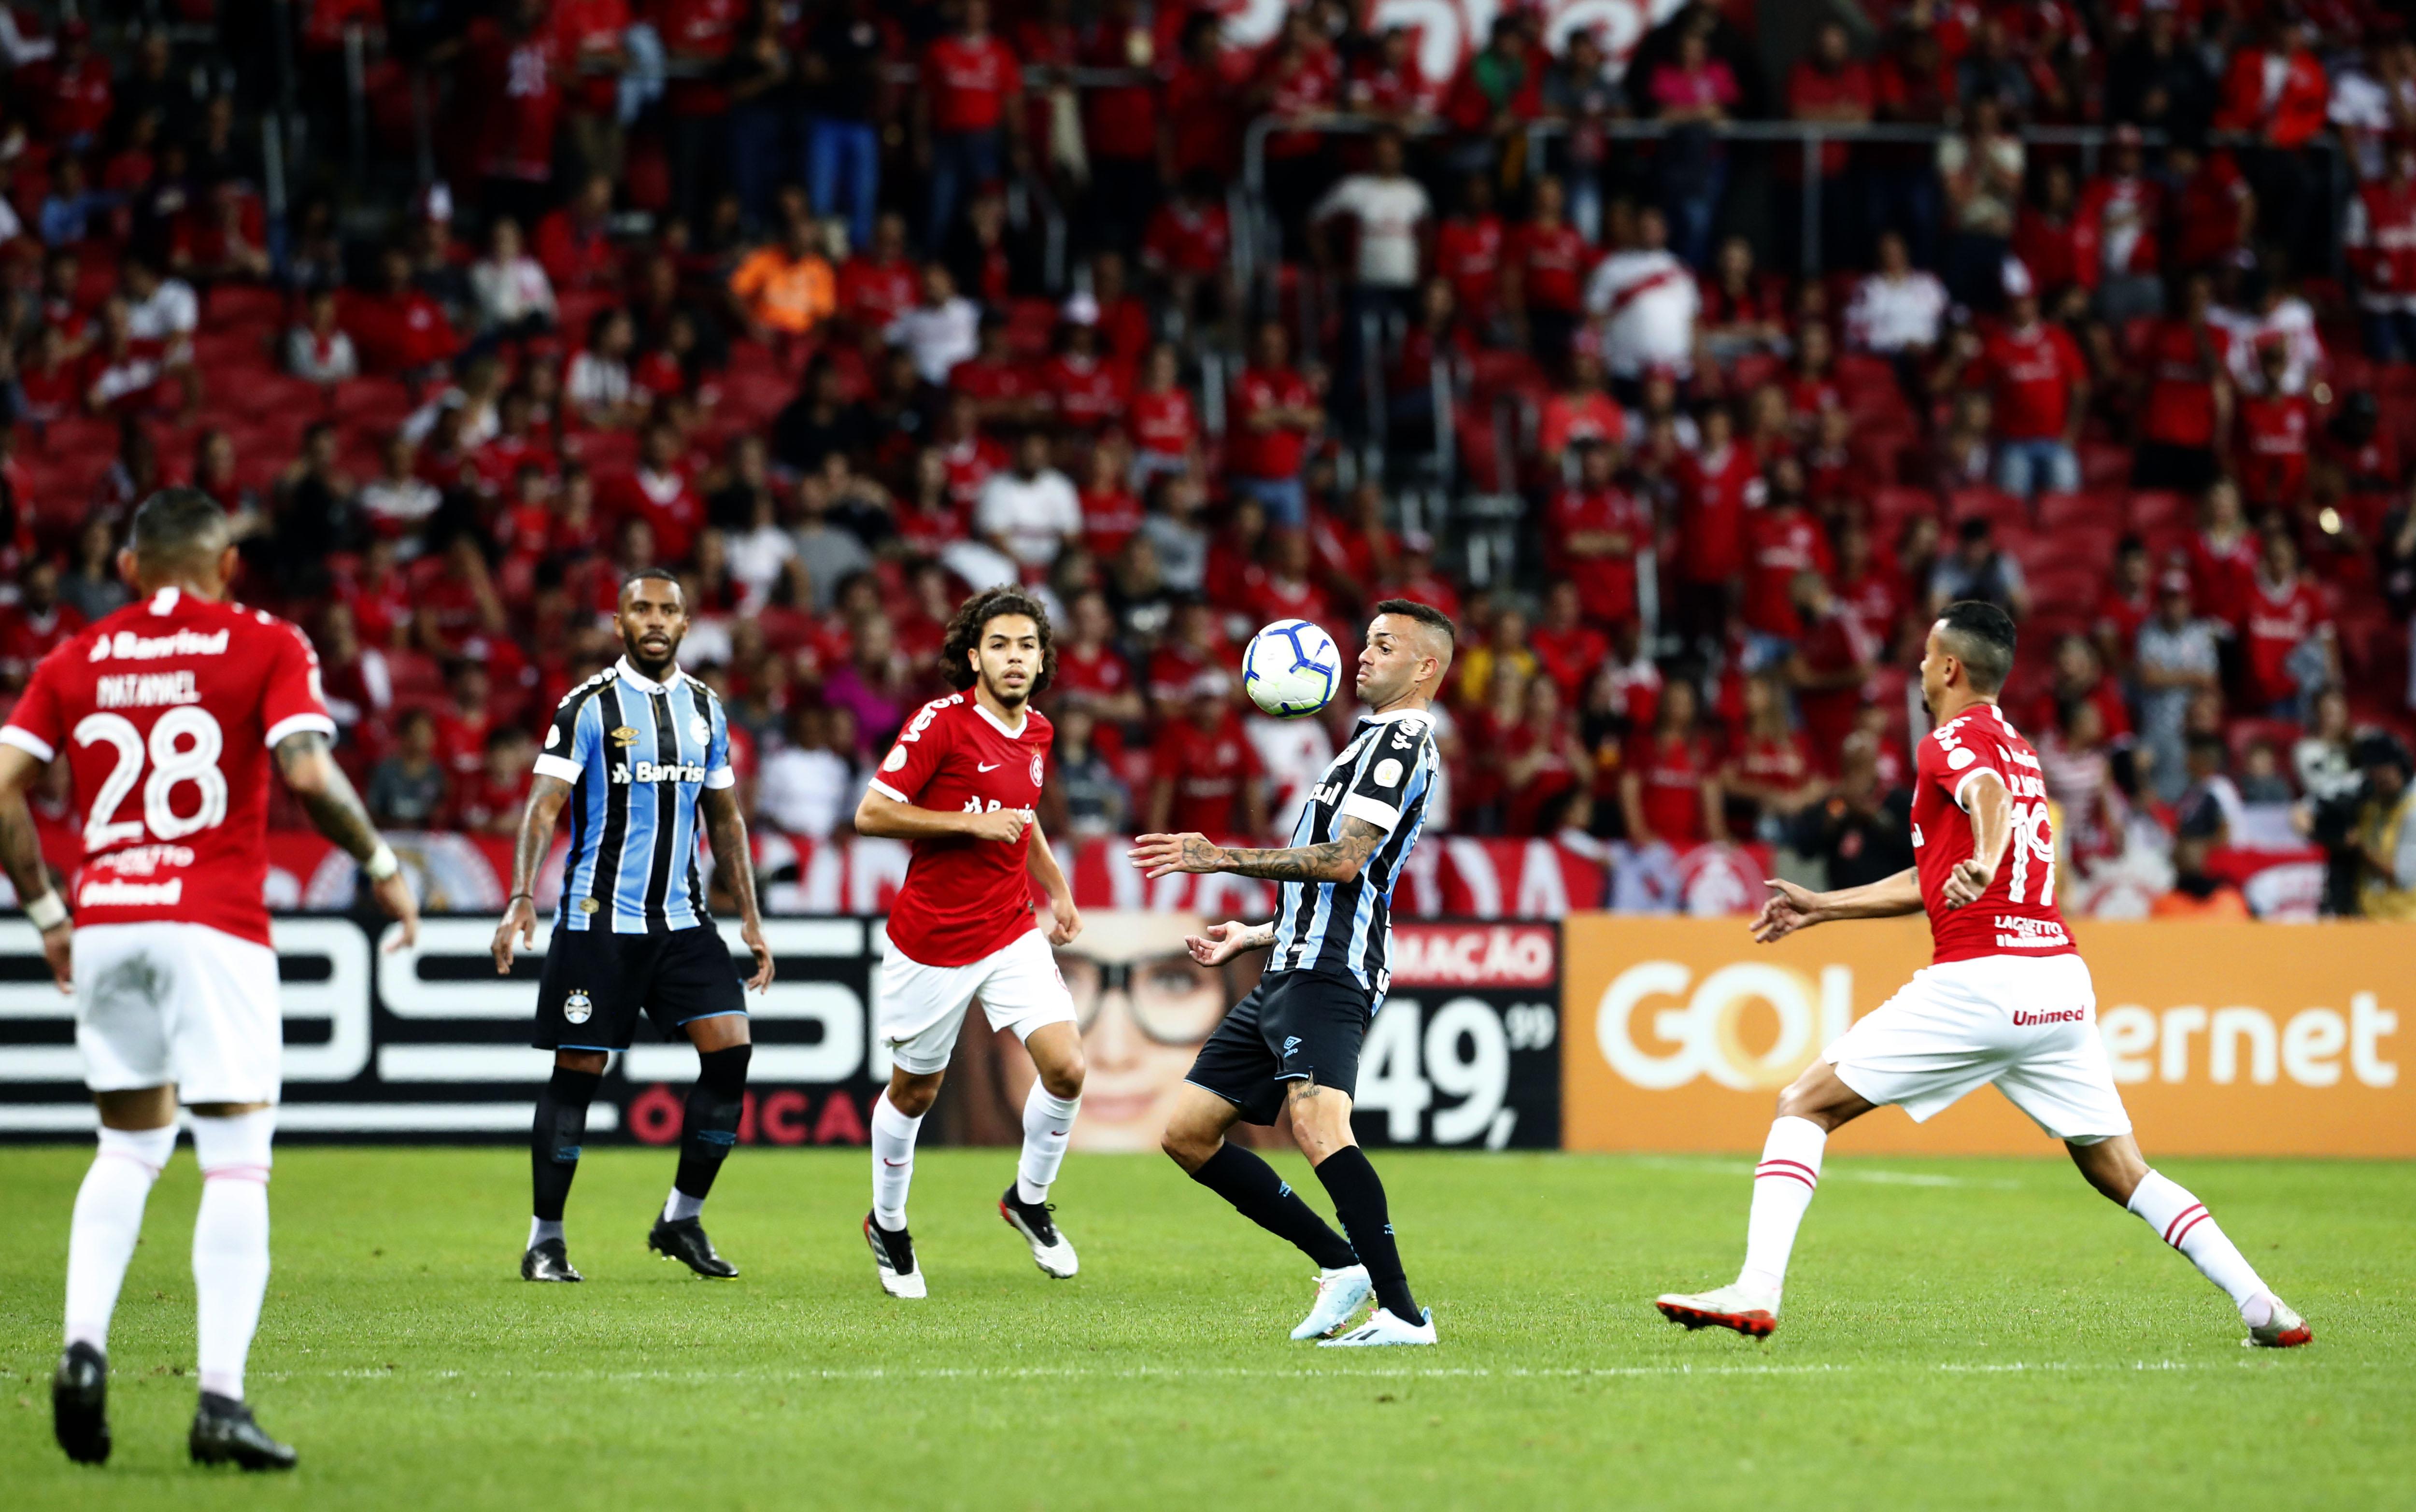 Campeonato Brasileiro de Futebol Série A - S.C. Internacional X Grêmio Foot-Ball Porto Alegrense